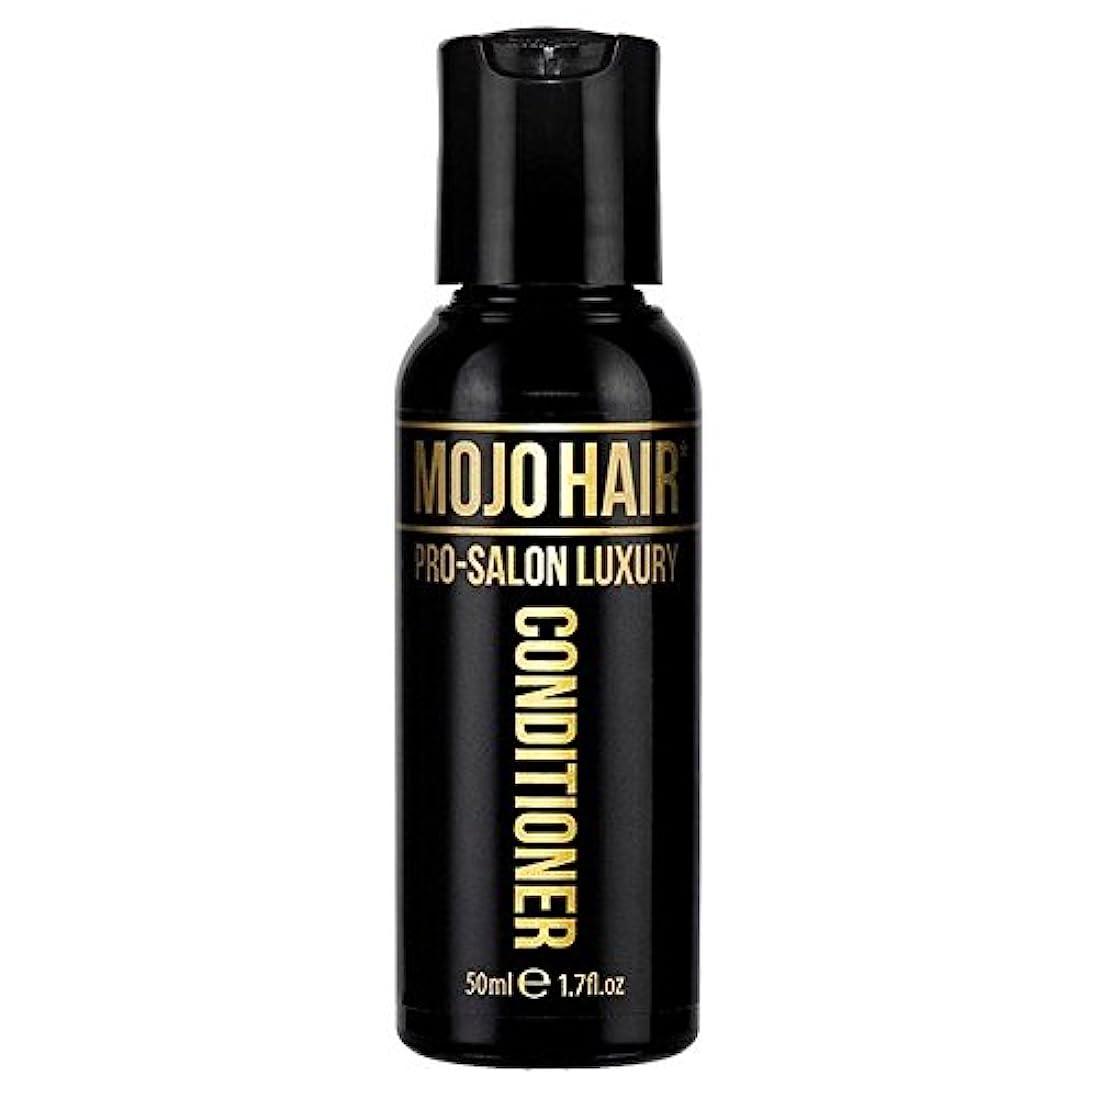 隠す疑問を超えて日焼けMOJO HAIR Pro-Salon Luxury Fragrance Conditioner for Men, Travel Size 50ml (Pack of 6) - 男性のためのモジョの毛プロのサロンの贅沢な...